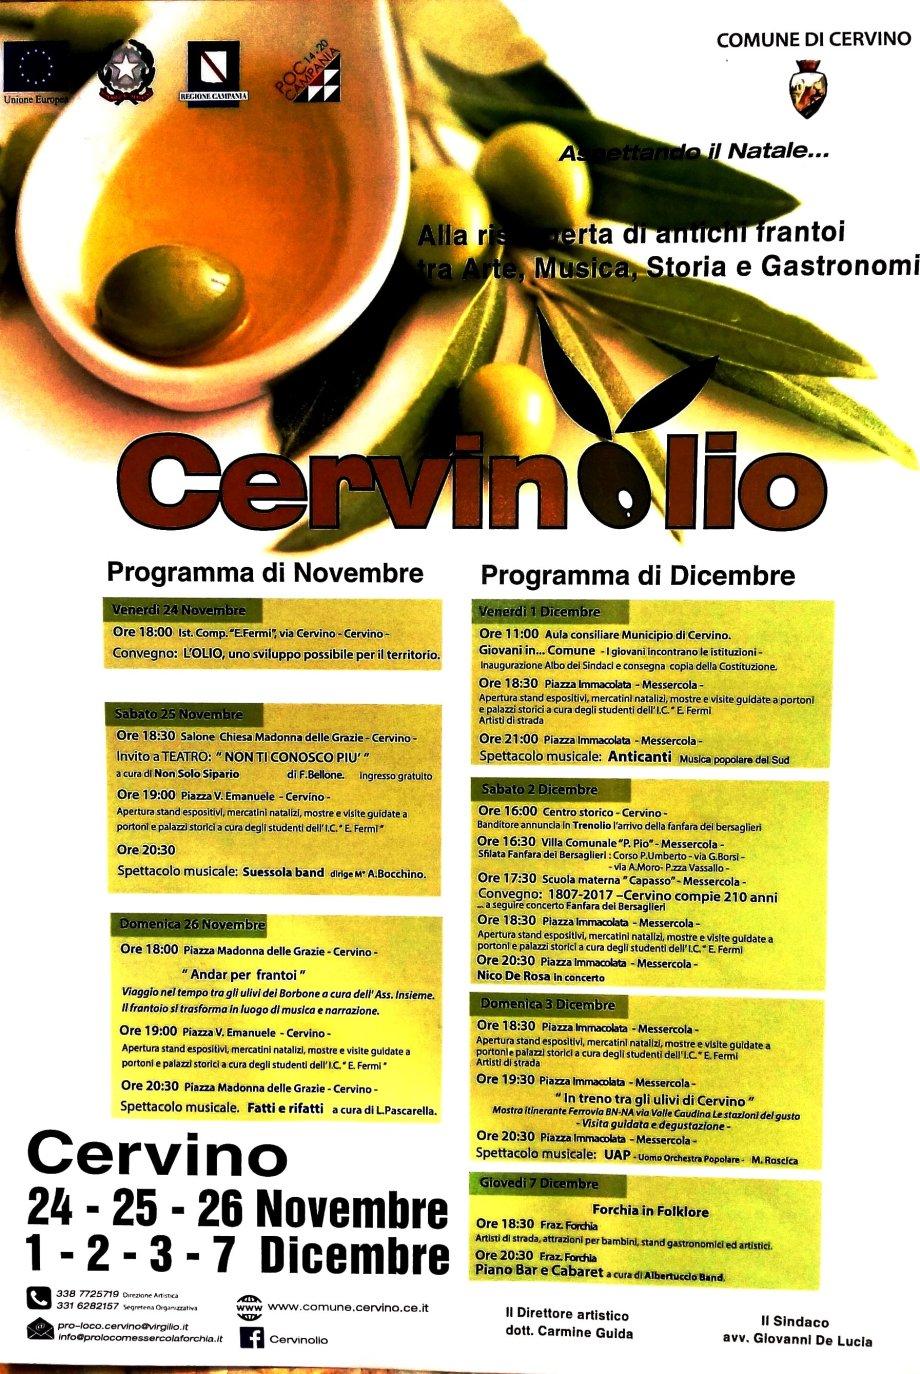 Cervinolio_2017.jpg